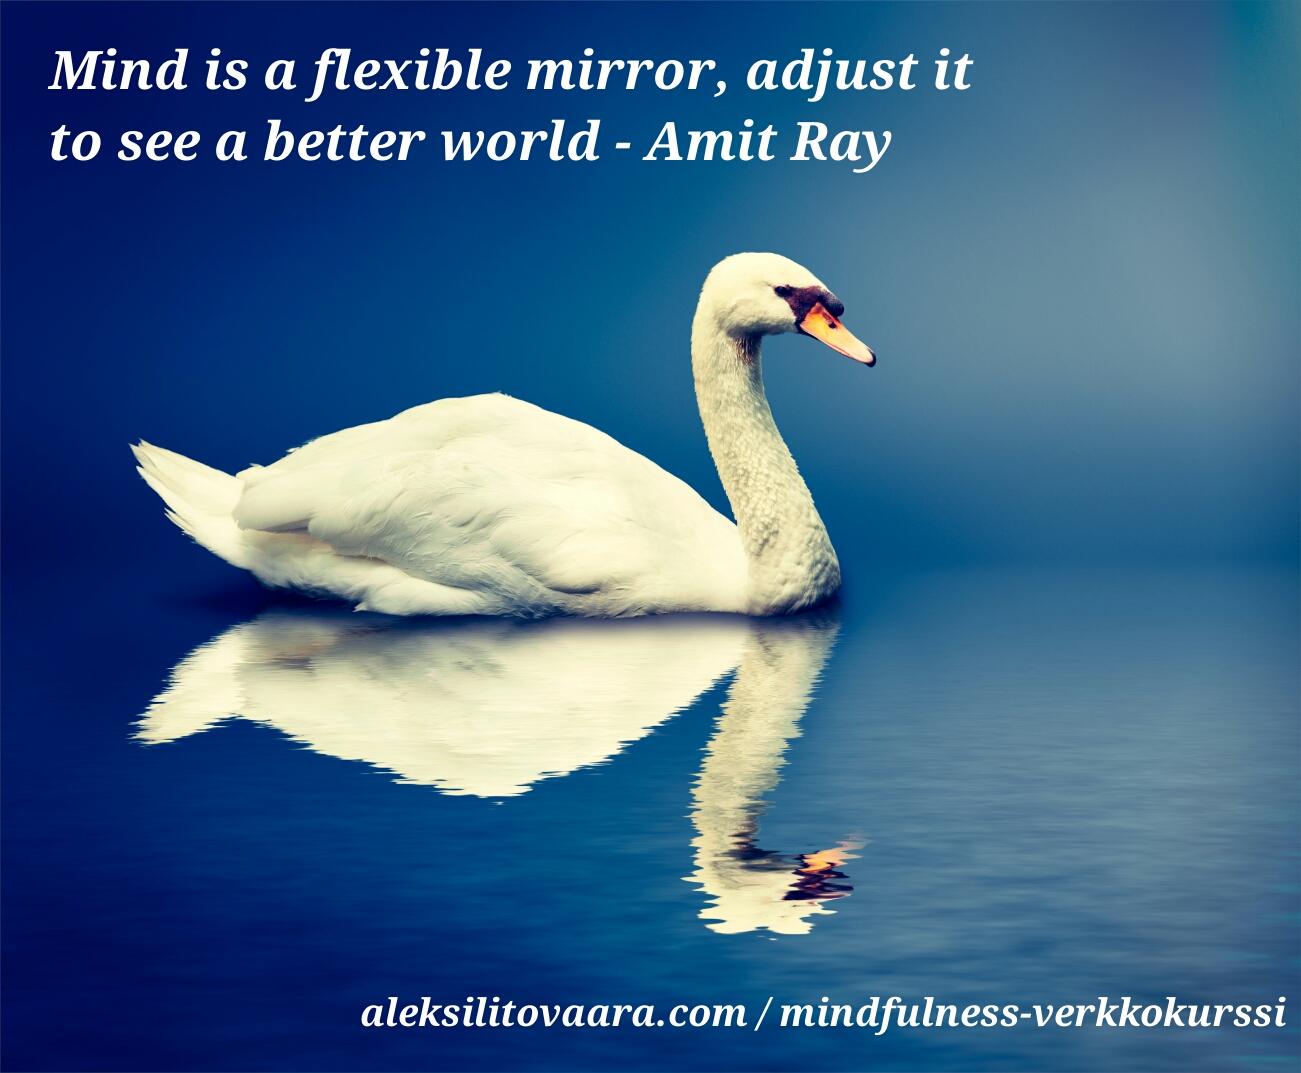 mindfulness, mindfulnes, mindfulness kurssi, mindfulness-kurssi, mindfulnes kurssi, mindfulnes-kurssi, mindfulness verkkokurssi, mindfulness-verkkokurssi, mindfulnes verkkokurssi, mindfulnes-verkkokurssi, mindfulnes, tietoisuustaidot, läsnäolo, tietoisuustaito, mbsr, meditaatio, tietoinen hyväksyvä läsnäolo, mindfulness-harjoitus, mindfulness-meditaatio, mindfulness-työ, mindfulness työ, mindfulness työpaikalla, mindfulness-työpaikalla, mindfulness työssä, mindfulness johtaja, mindful leader, mindful esimies, mind ful, mind fullness, mindfullness, mindfulness kurssi, työhyvinvointi, mindfulness kirja, stressinhallinta, mindfulness harjoitukset, keskittyminen, mindfulness työpaikalla